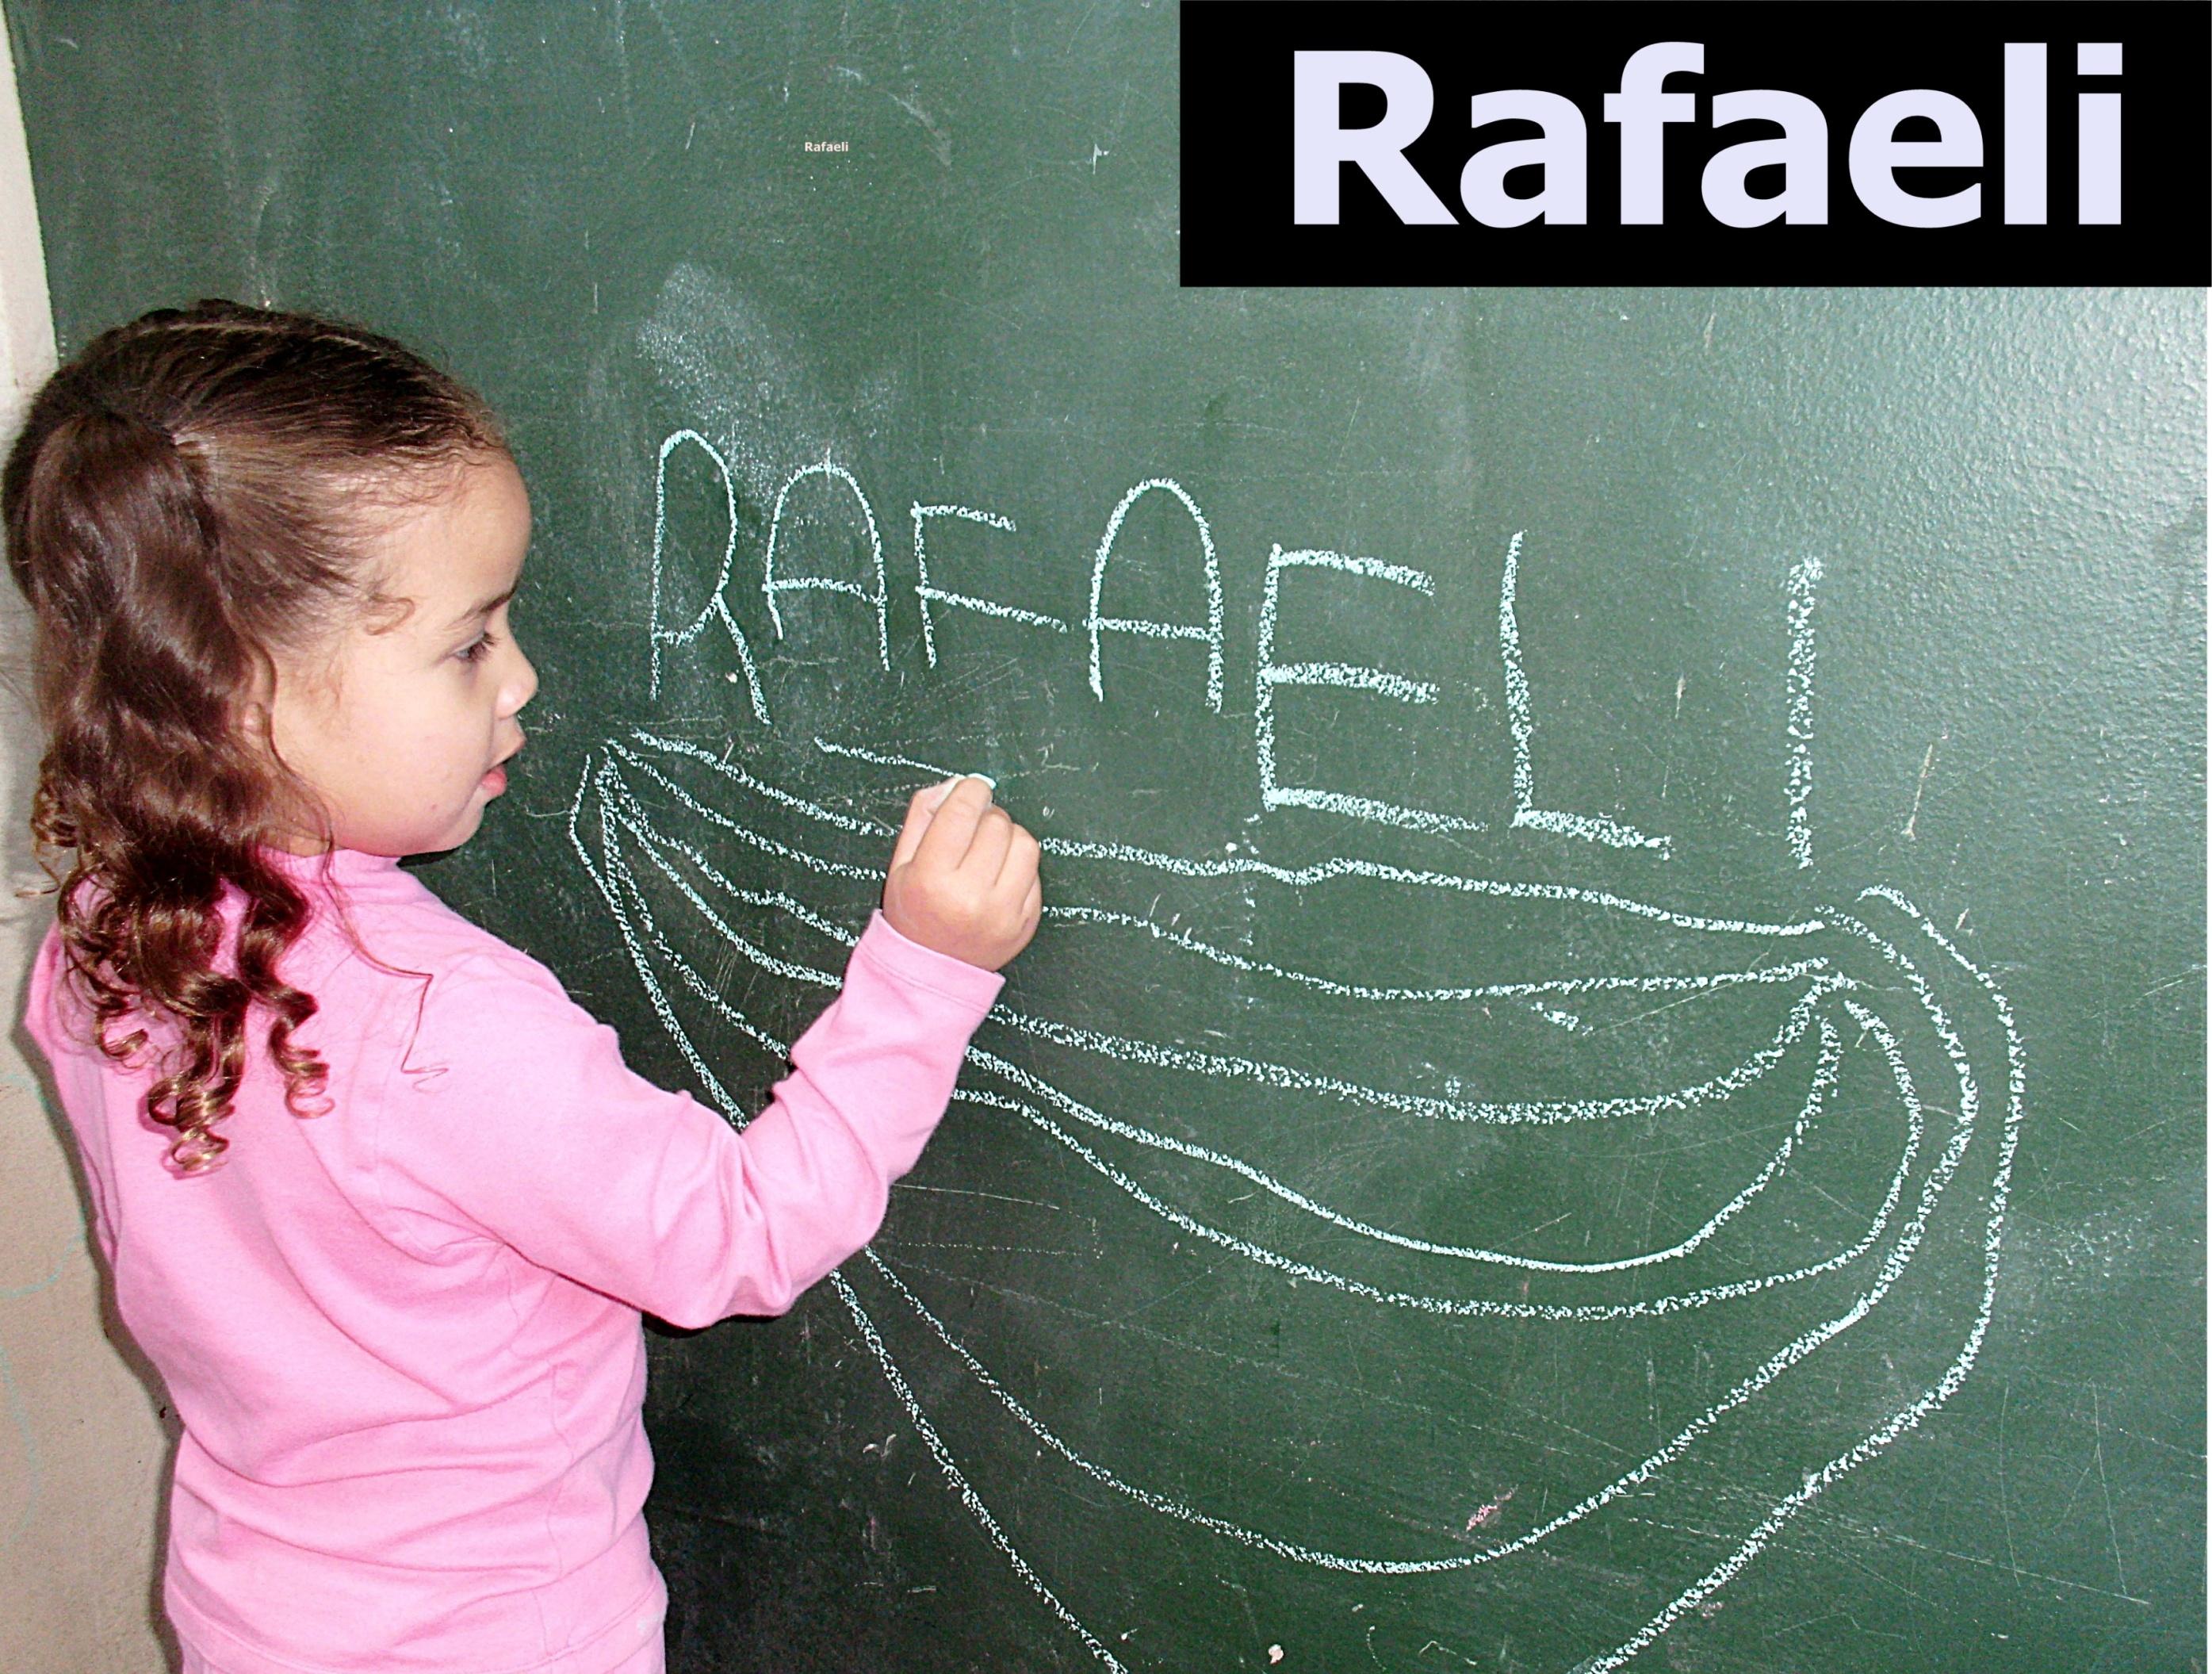 Rafaeli